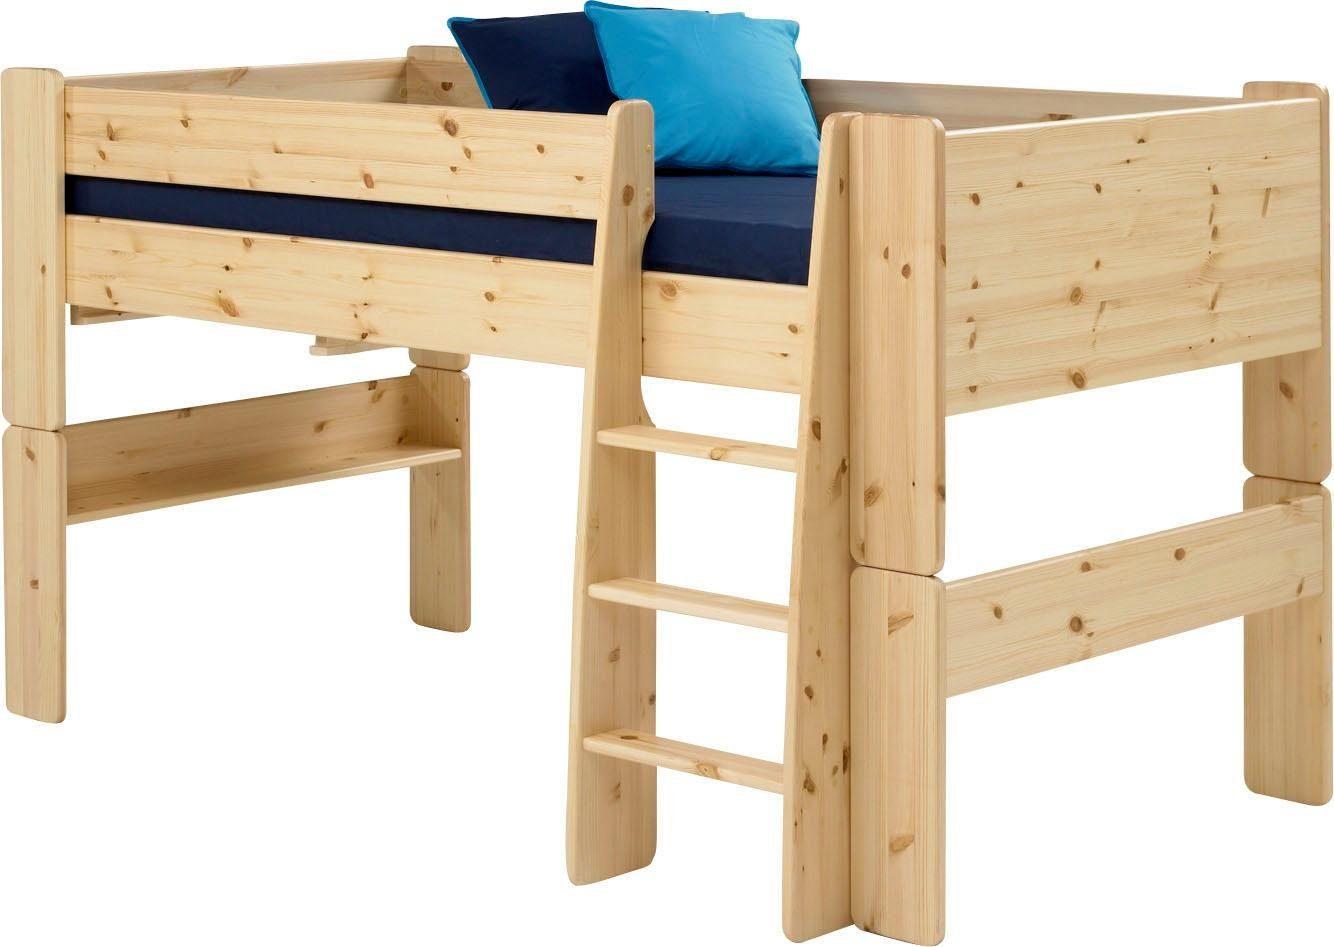 Leiter Schutz Etagenbett : Ikea hochbett leiter schutz flexa ersatzteile beispiele